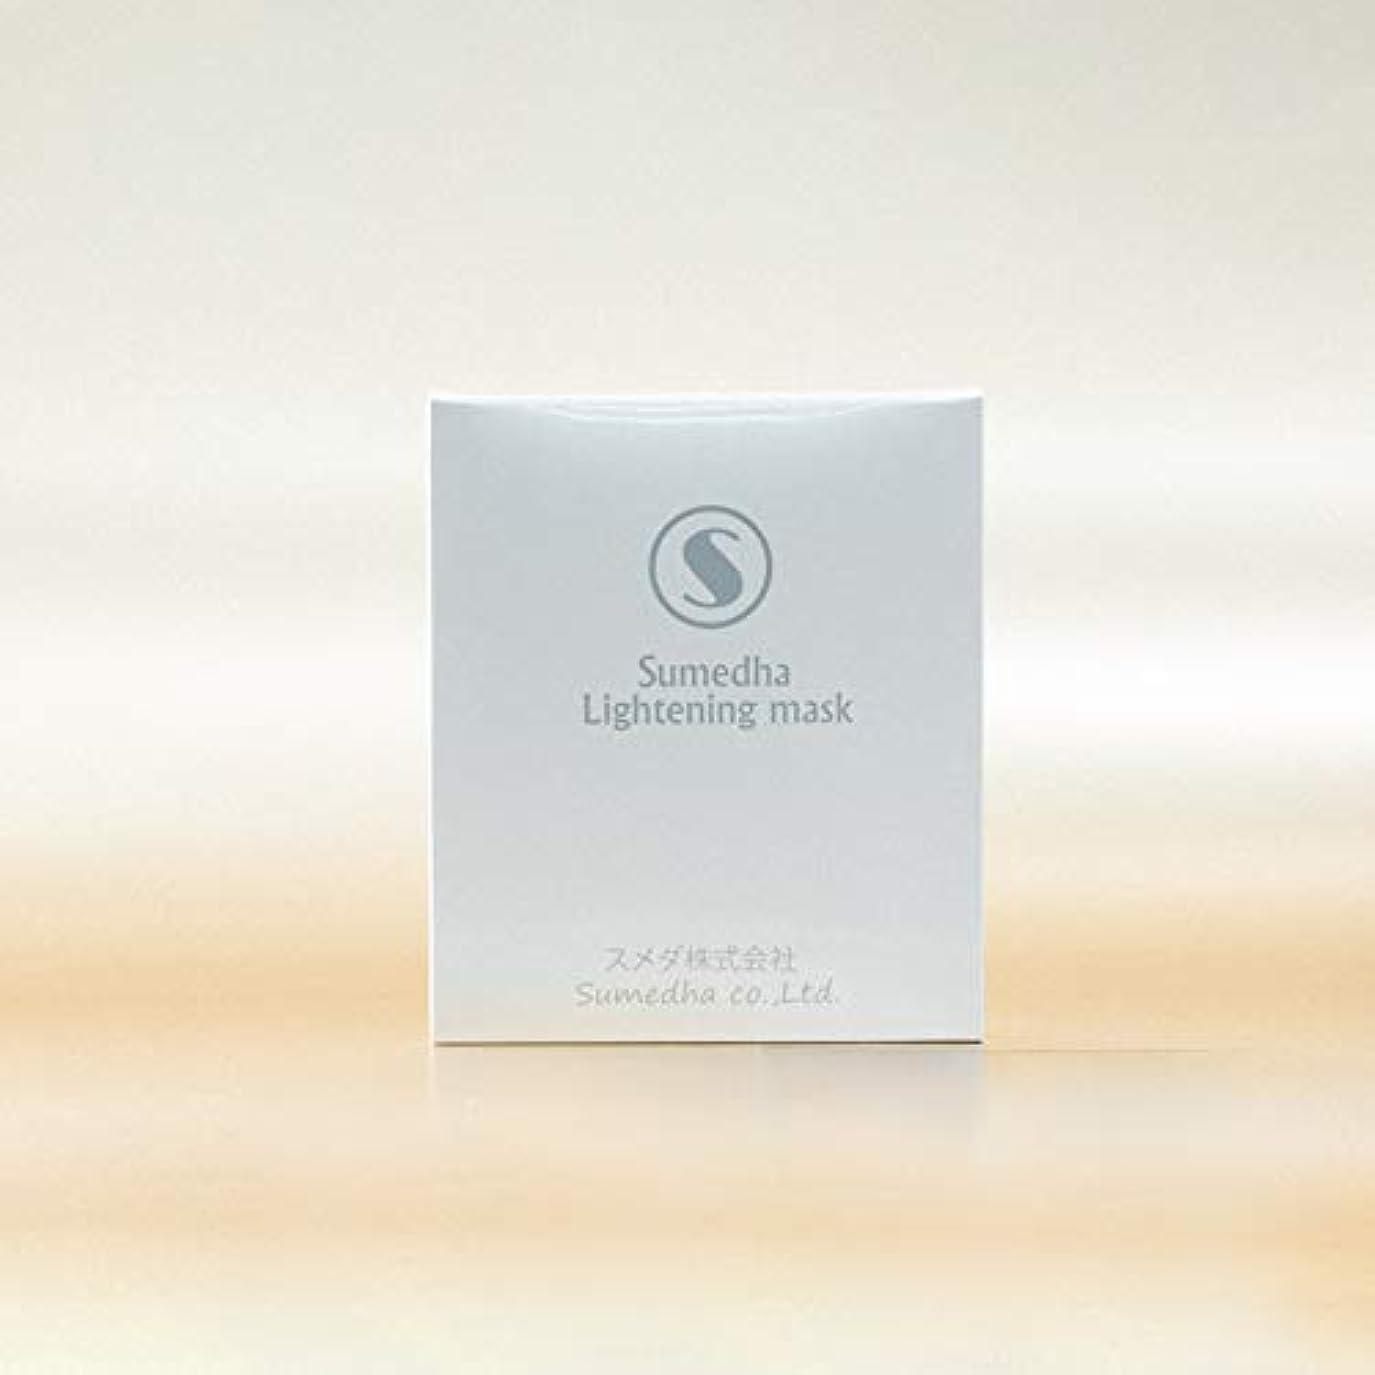 毒性メイトスポーツマンフェイスマスク Sumedha パック 保湿マスク 日本製 マスク フェイスパック 3枚入り 美白 美容 アンチセンシティブ 角質層修復 抗酸化 保湿 補水 敏感肌 発赤 アレルギー緩和 コーセー (美白)